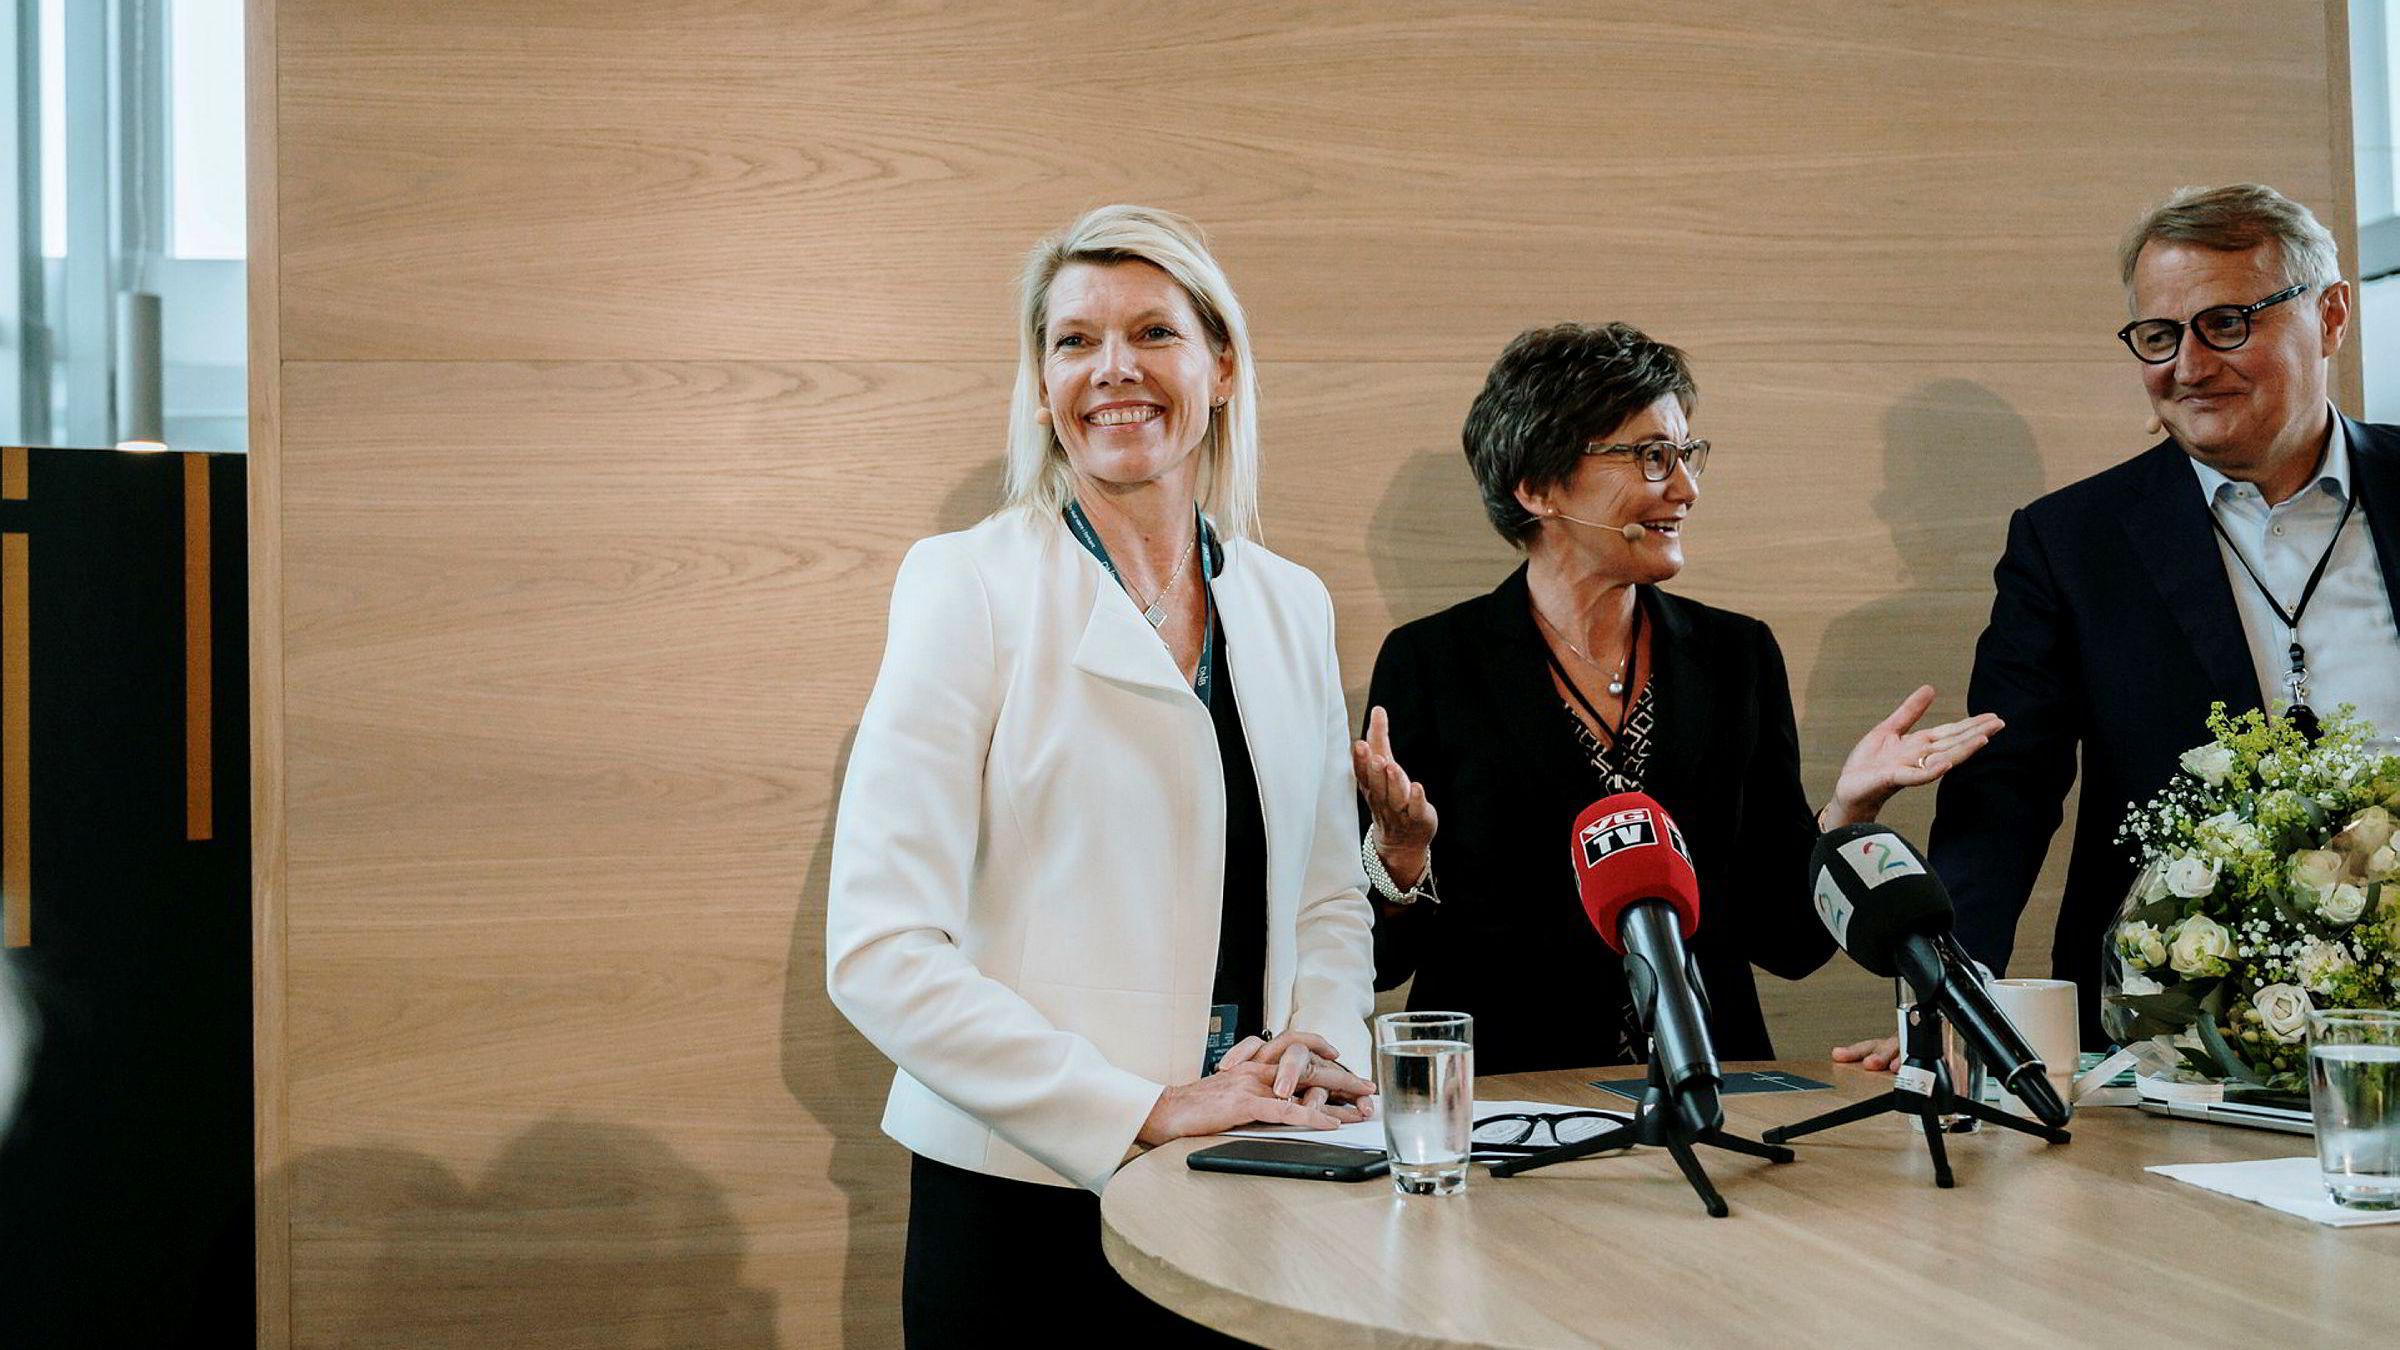 Tre blad svigermors drøm ifølge aksjemarkedets vurdering: DNB-sjef Kjerstin Braathen, styreleder Olaug Svarva og gammel DNB-sjef Rune Bjerke.